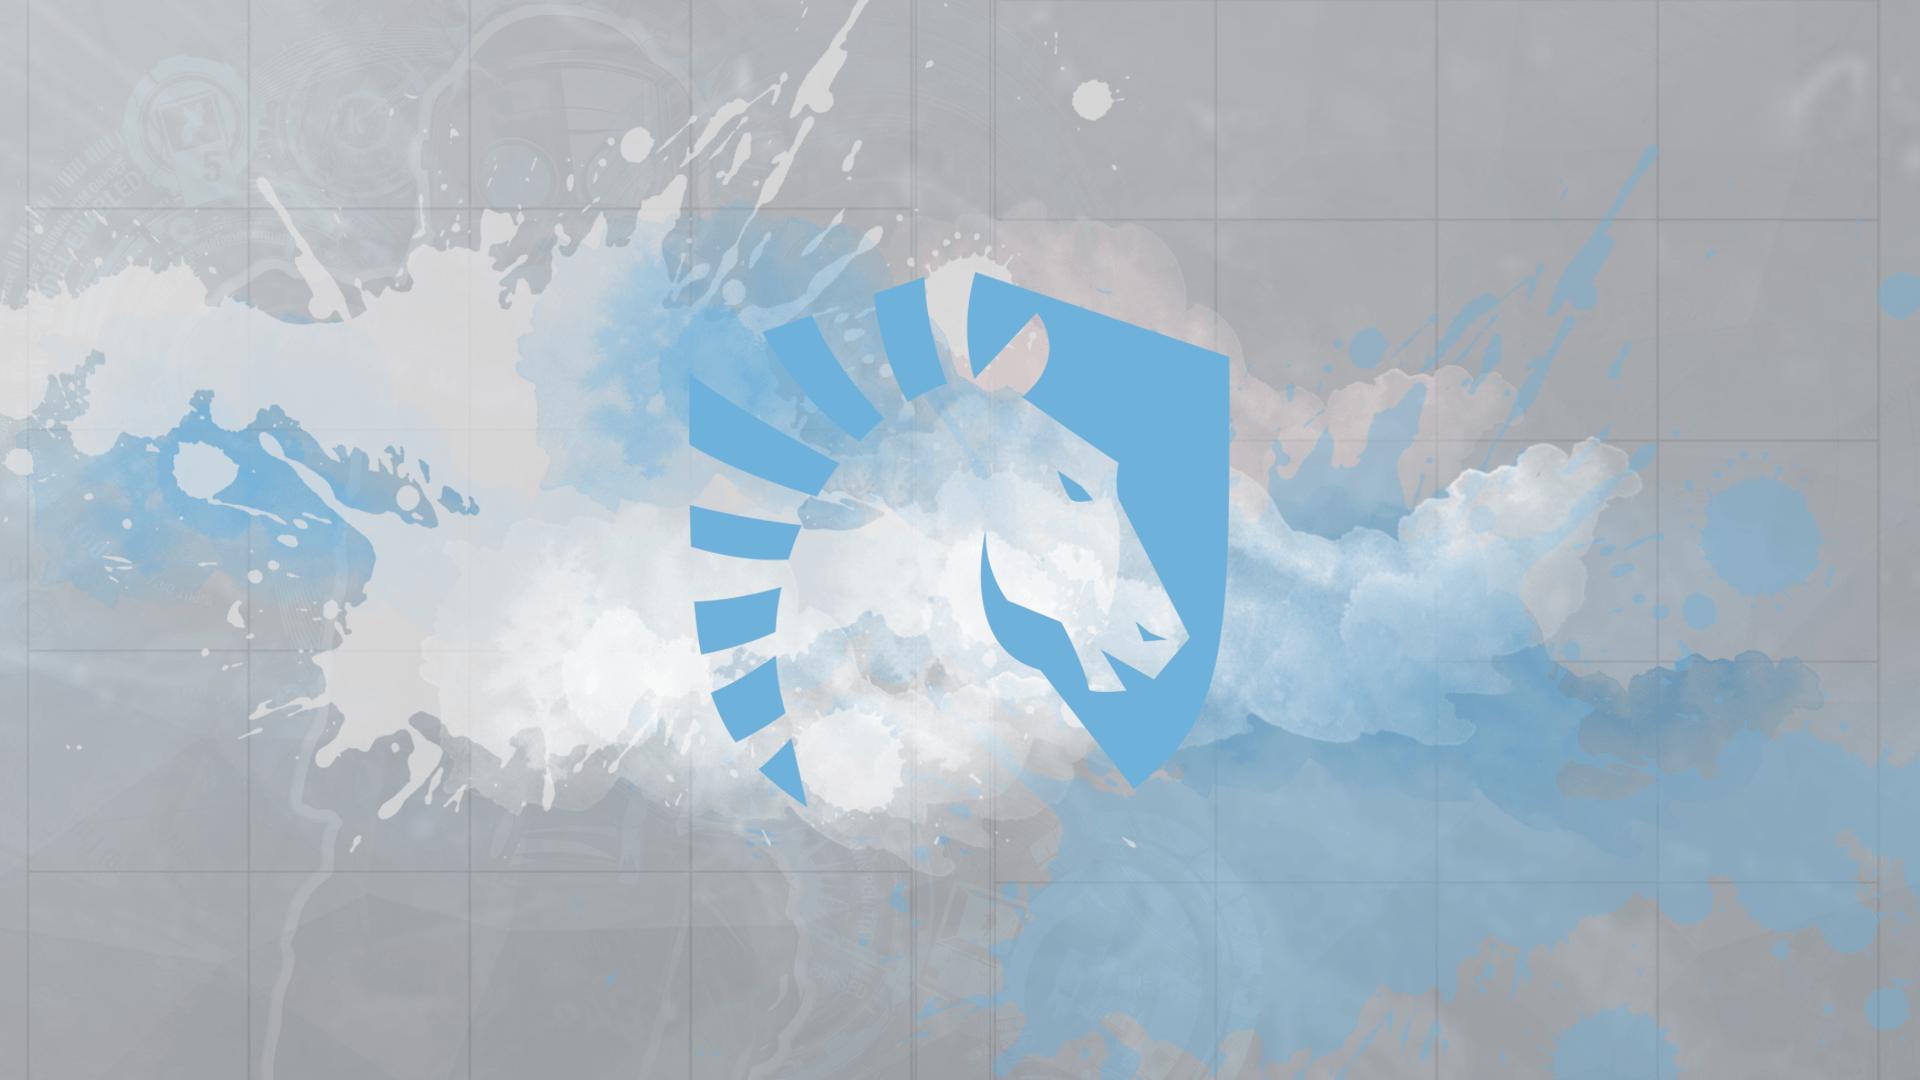 Liquid Hd Wallpaper: Top Free Liquid HD Backgrounds